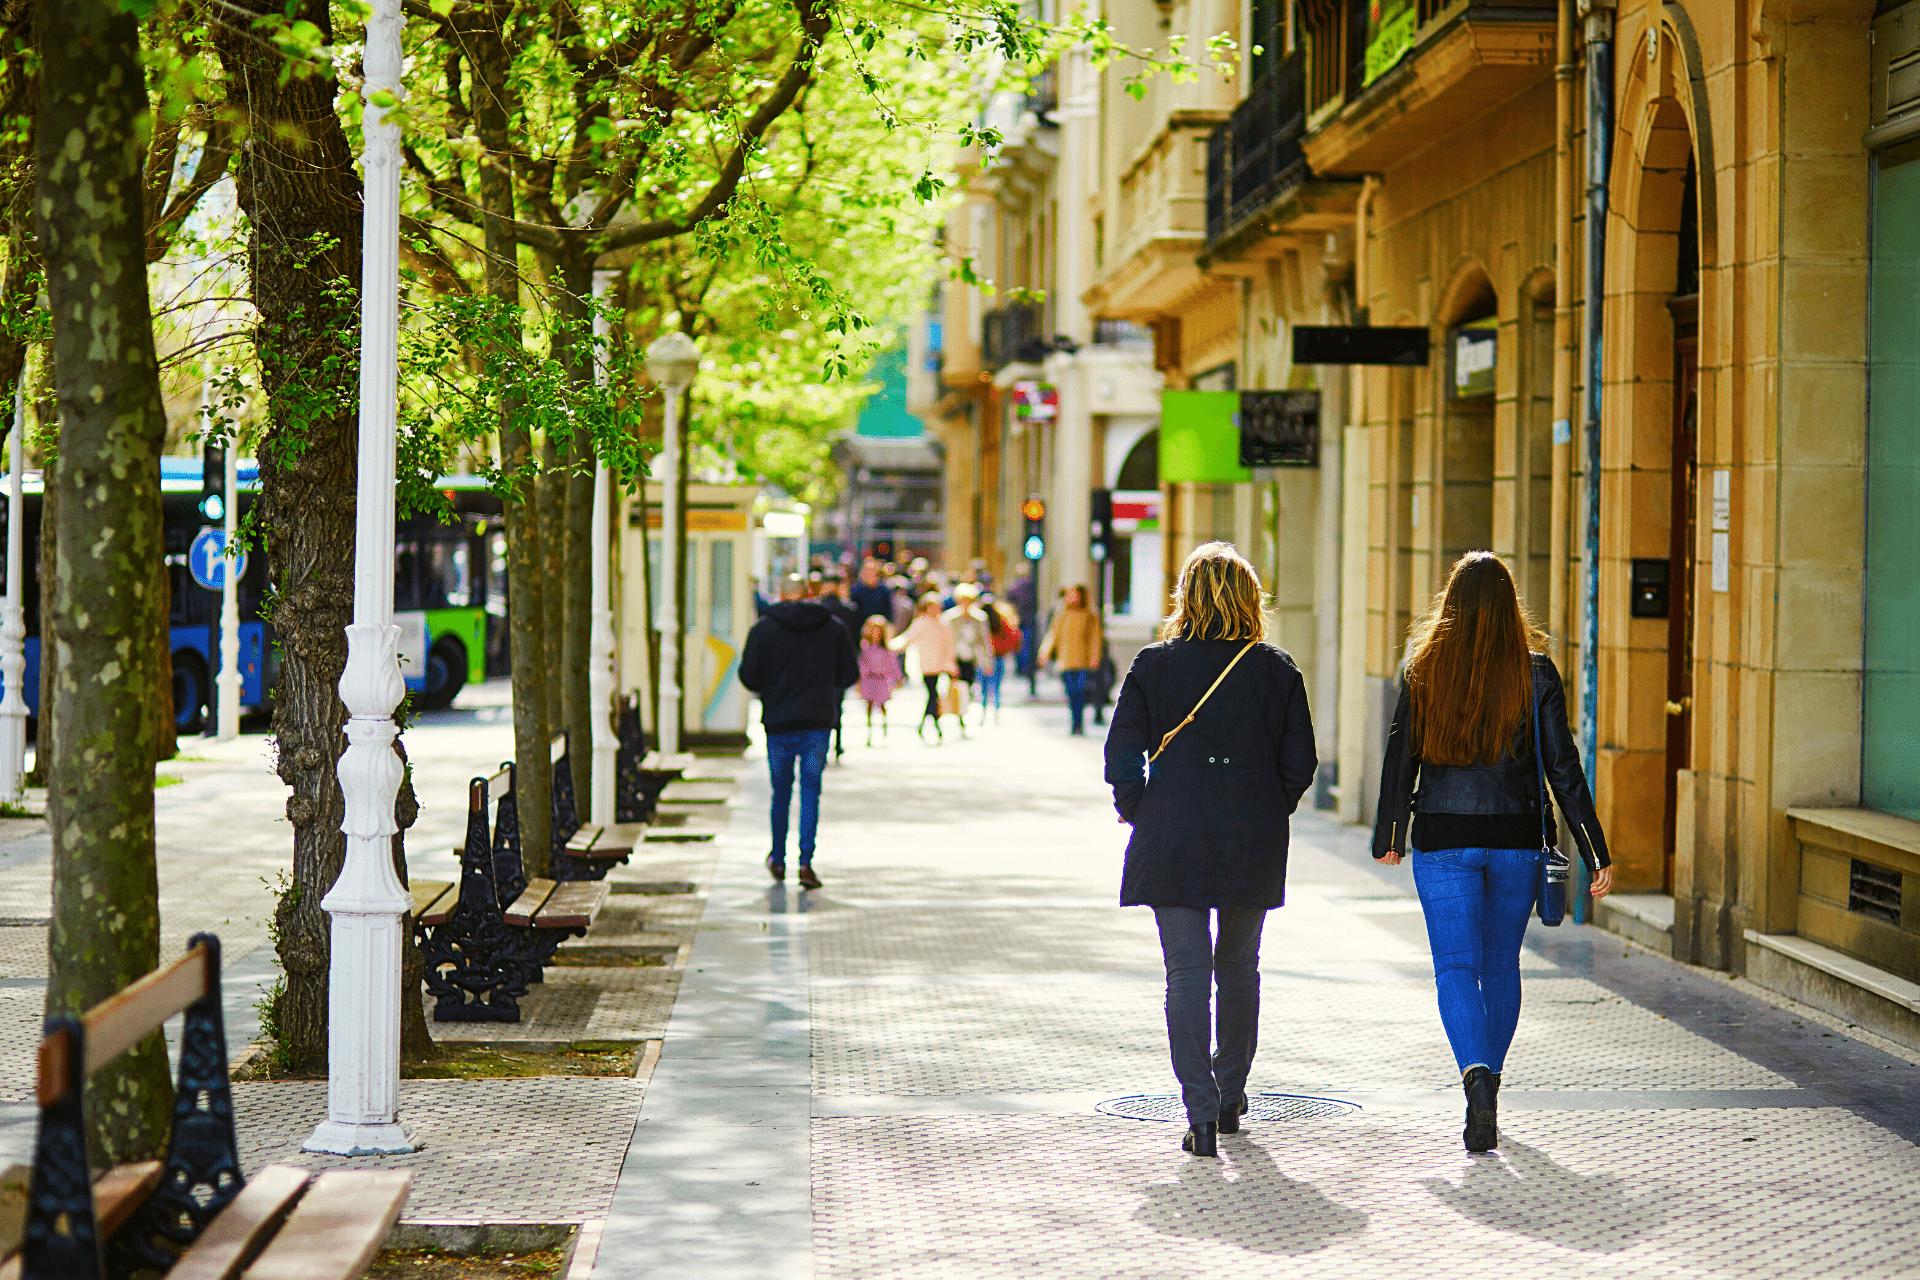 people-walking-street-spain-Spanish-language